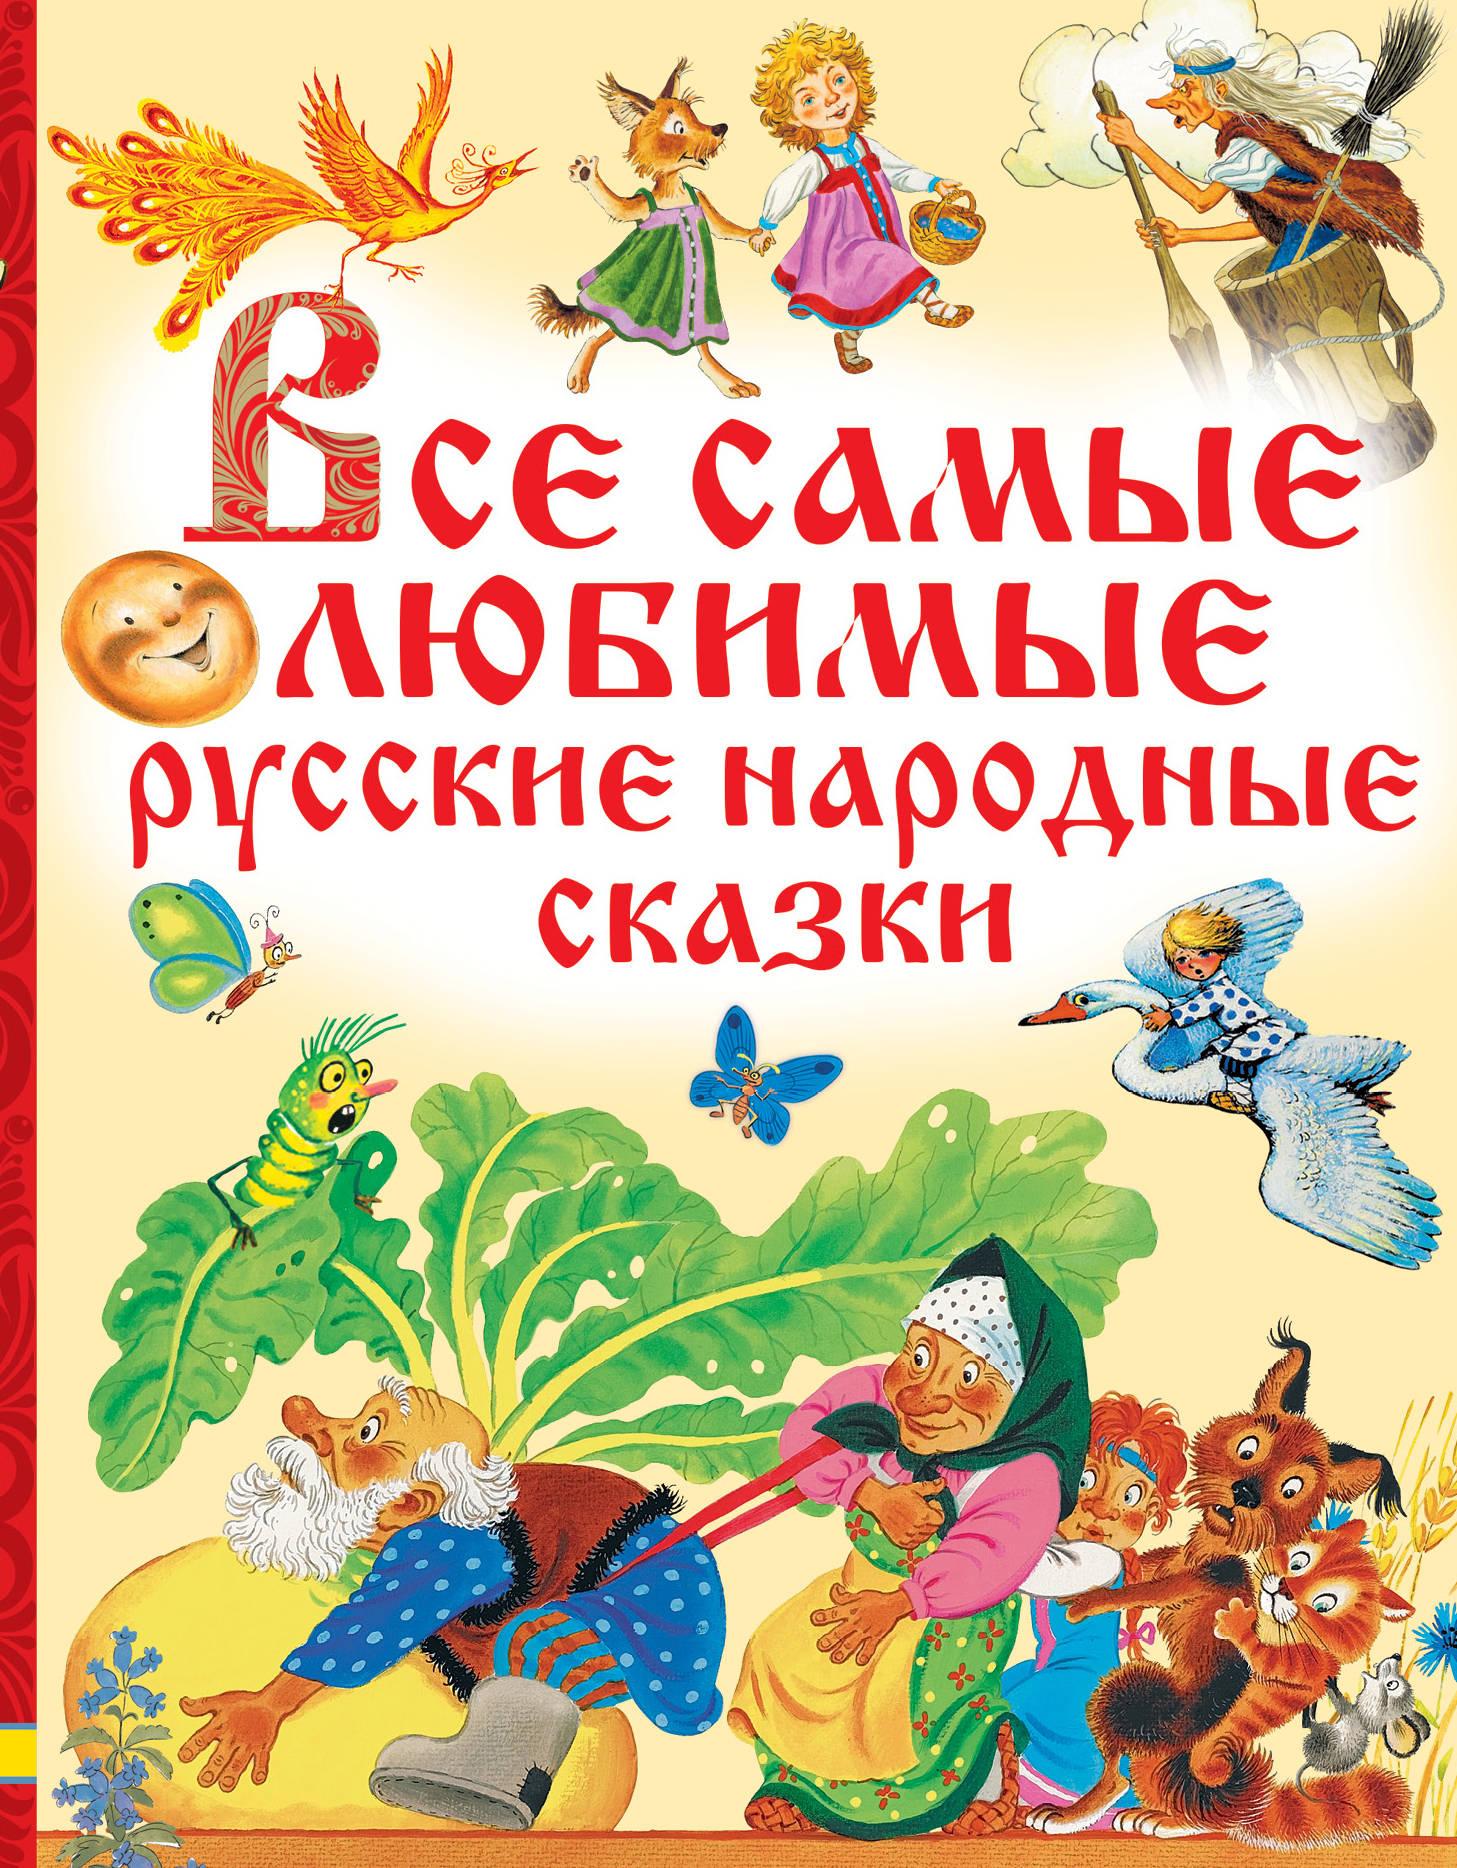 Все самые любимые русские народные сказки, Толстой Алексей Николаевич